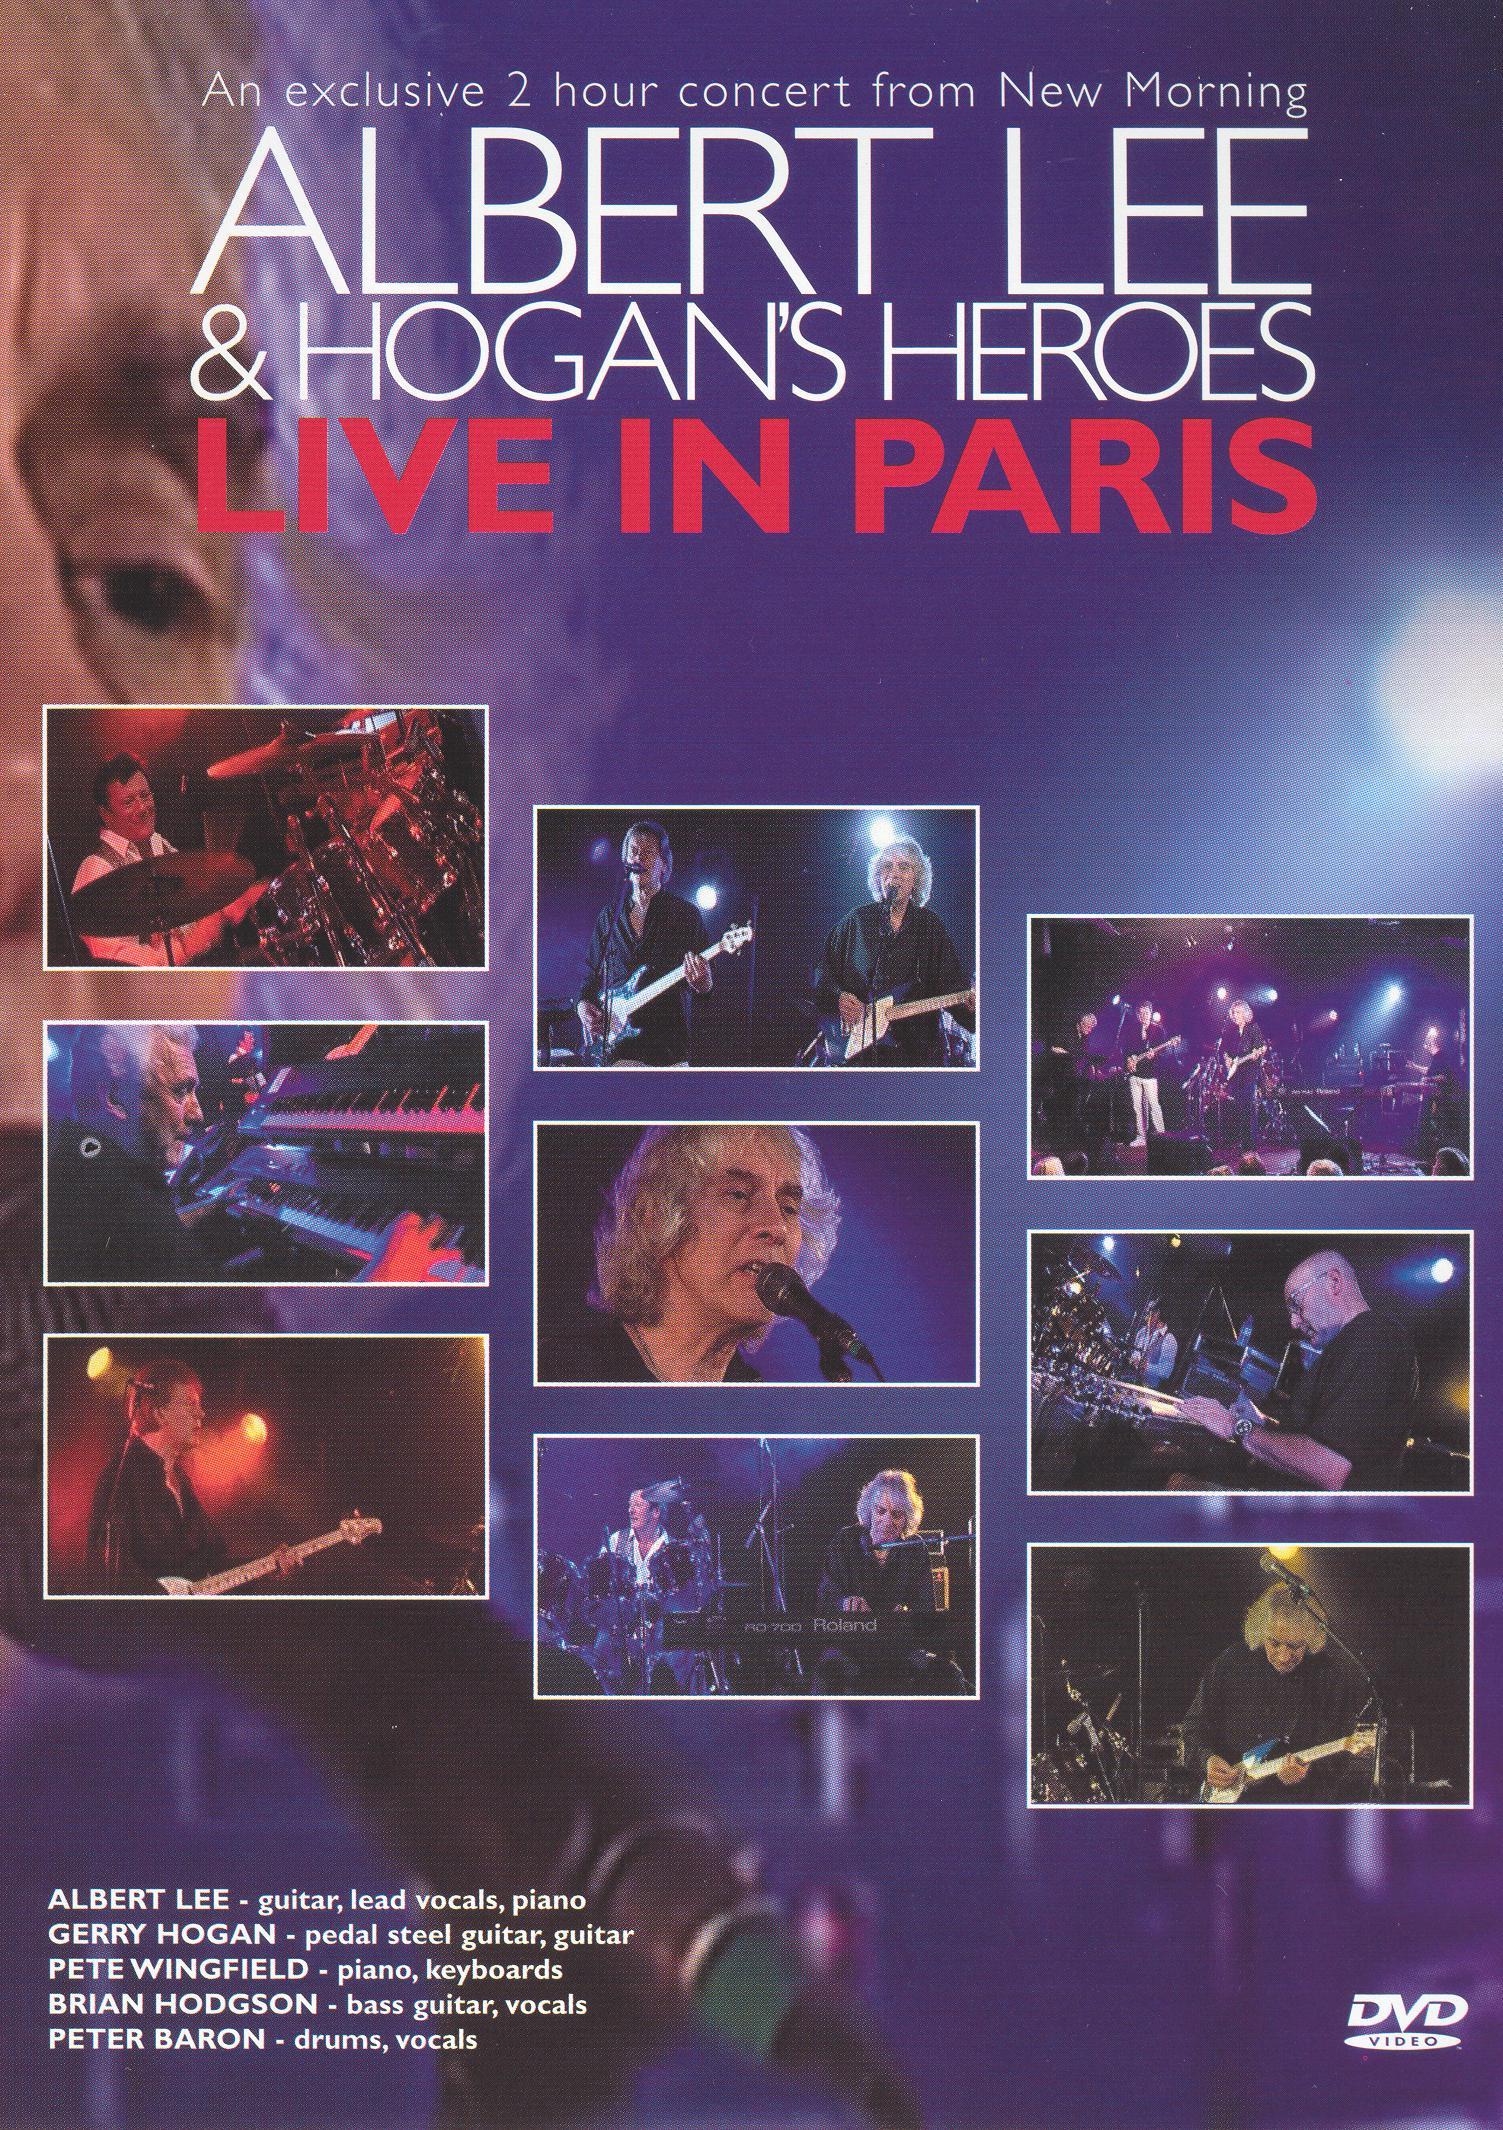 Albert Lee & Hogan's Heroes: Live in Paris